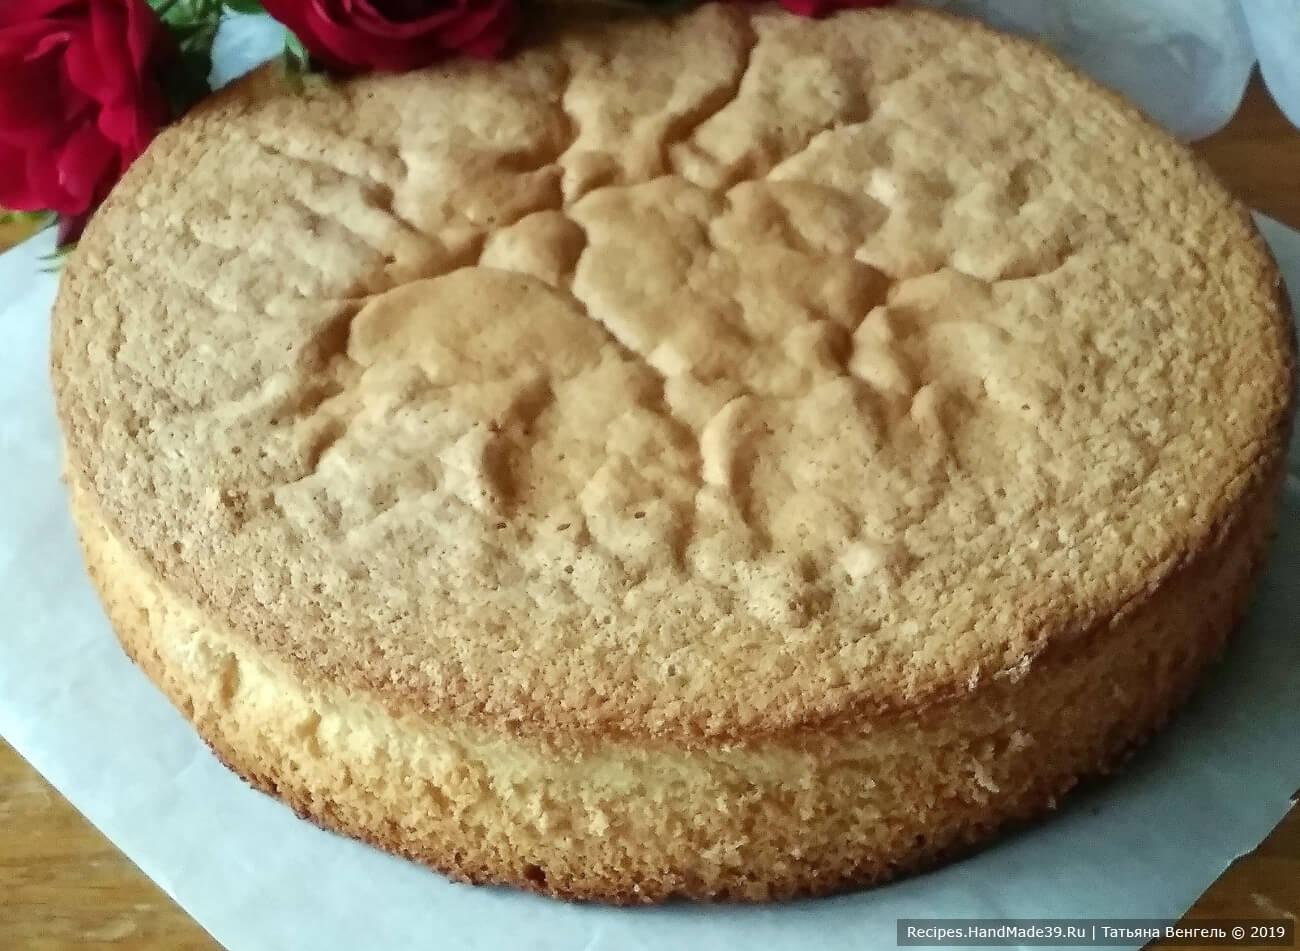 Остывший бисквит вынуть из формы и дать ему отдохнуть около 8 часов, тогда он не будет крошиться и его можно легко разрезать на коржи для торта. Приятного аппетита!